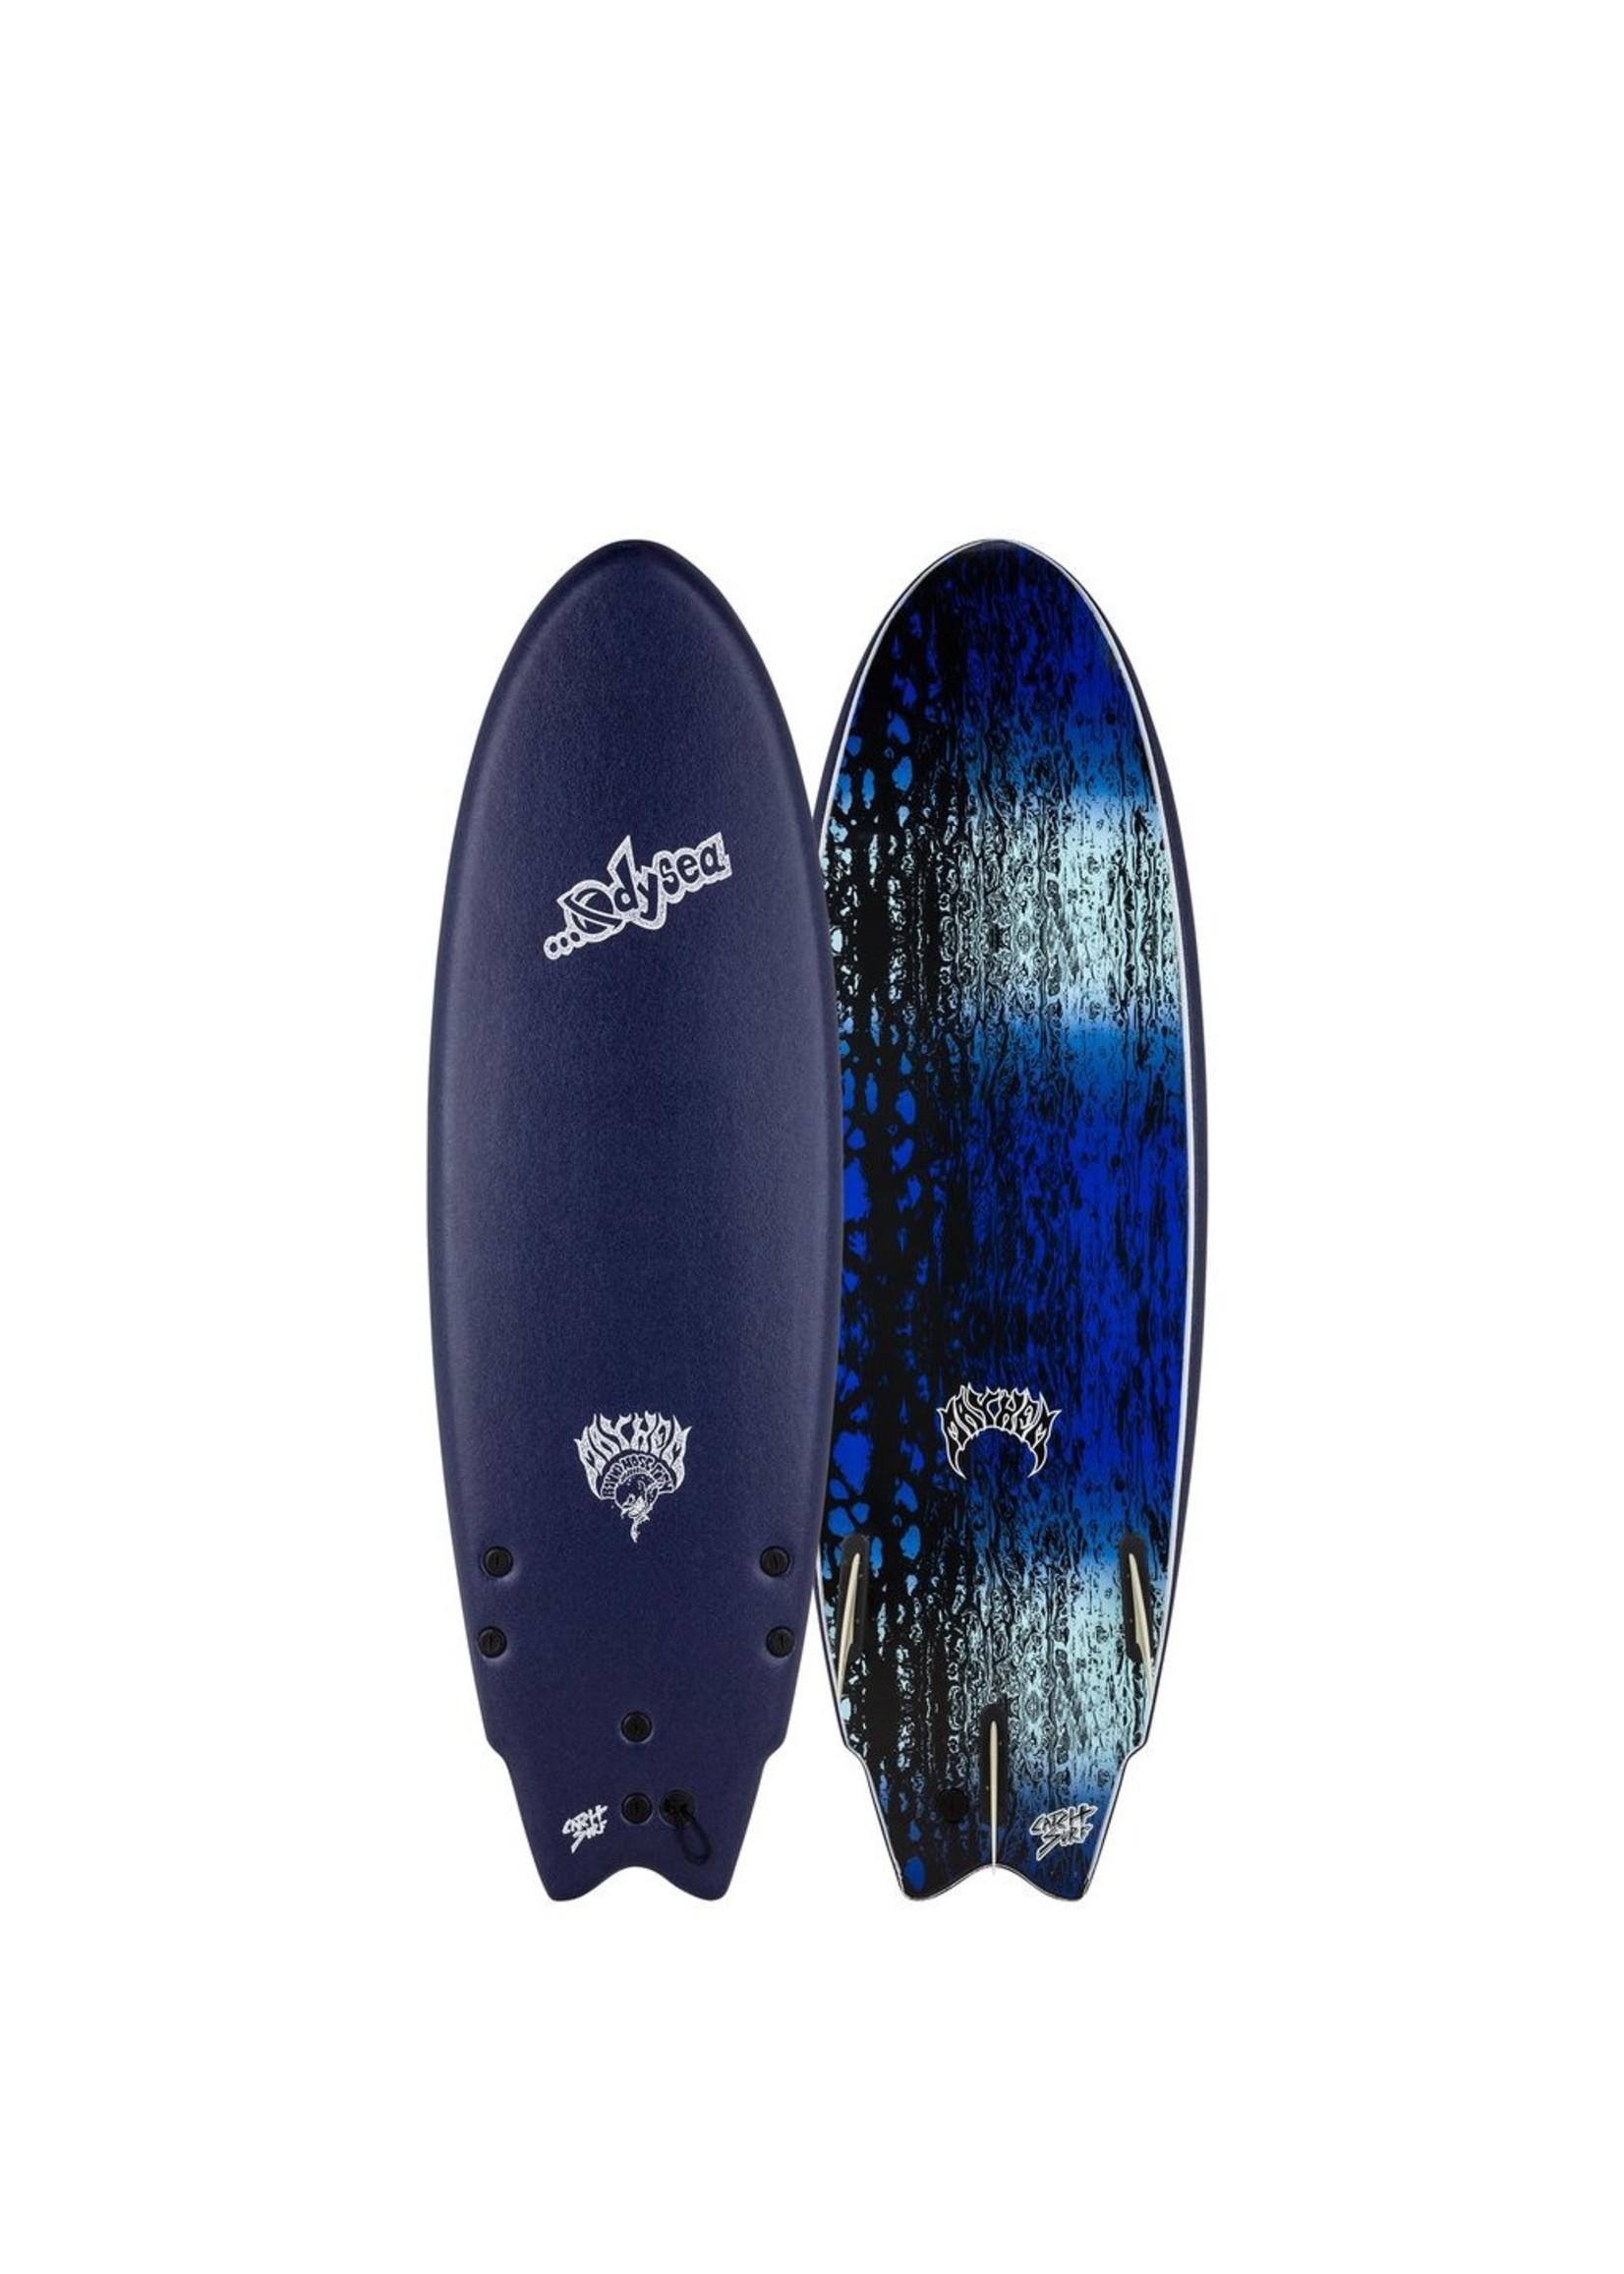 Catch Surf Odysea X Lost RNF Midnight Blue 5-5